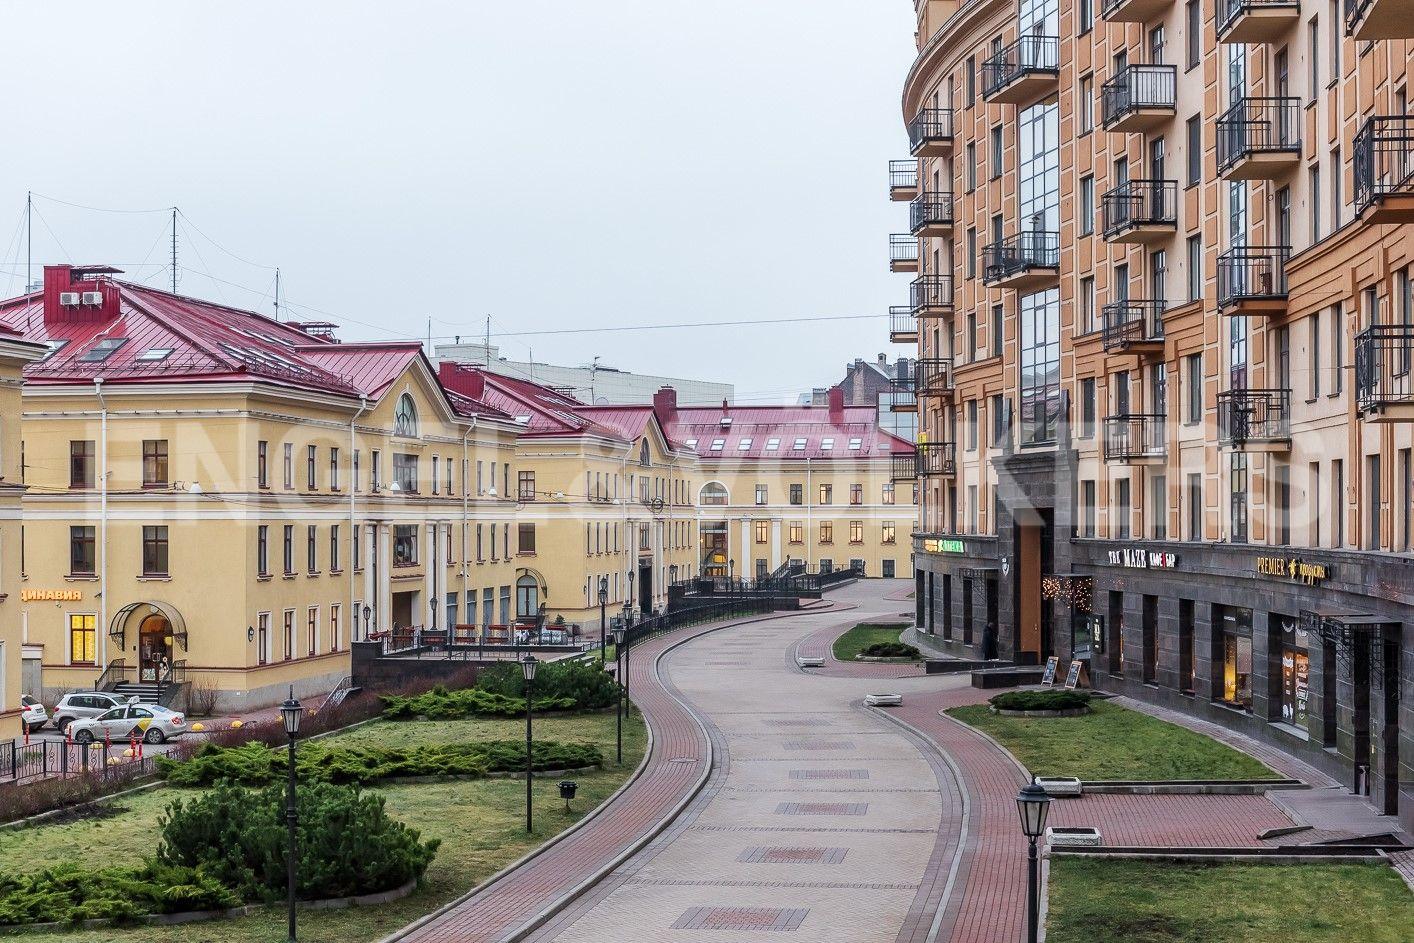 Элитные квартиры в Центральном районе. Санкт-Петербург, ул. Парадная, д. 3, к. 2. Прогулочная зона